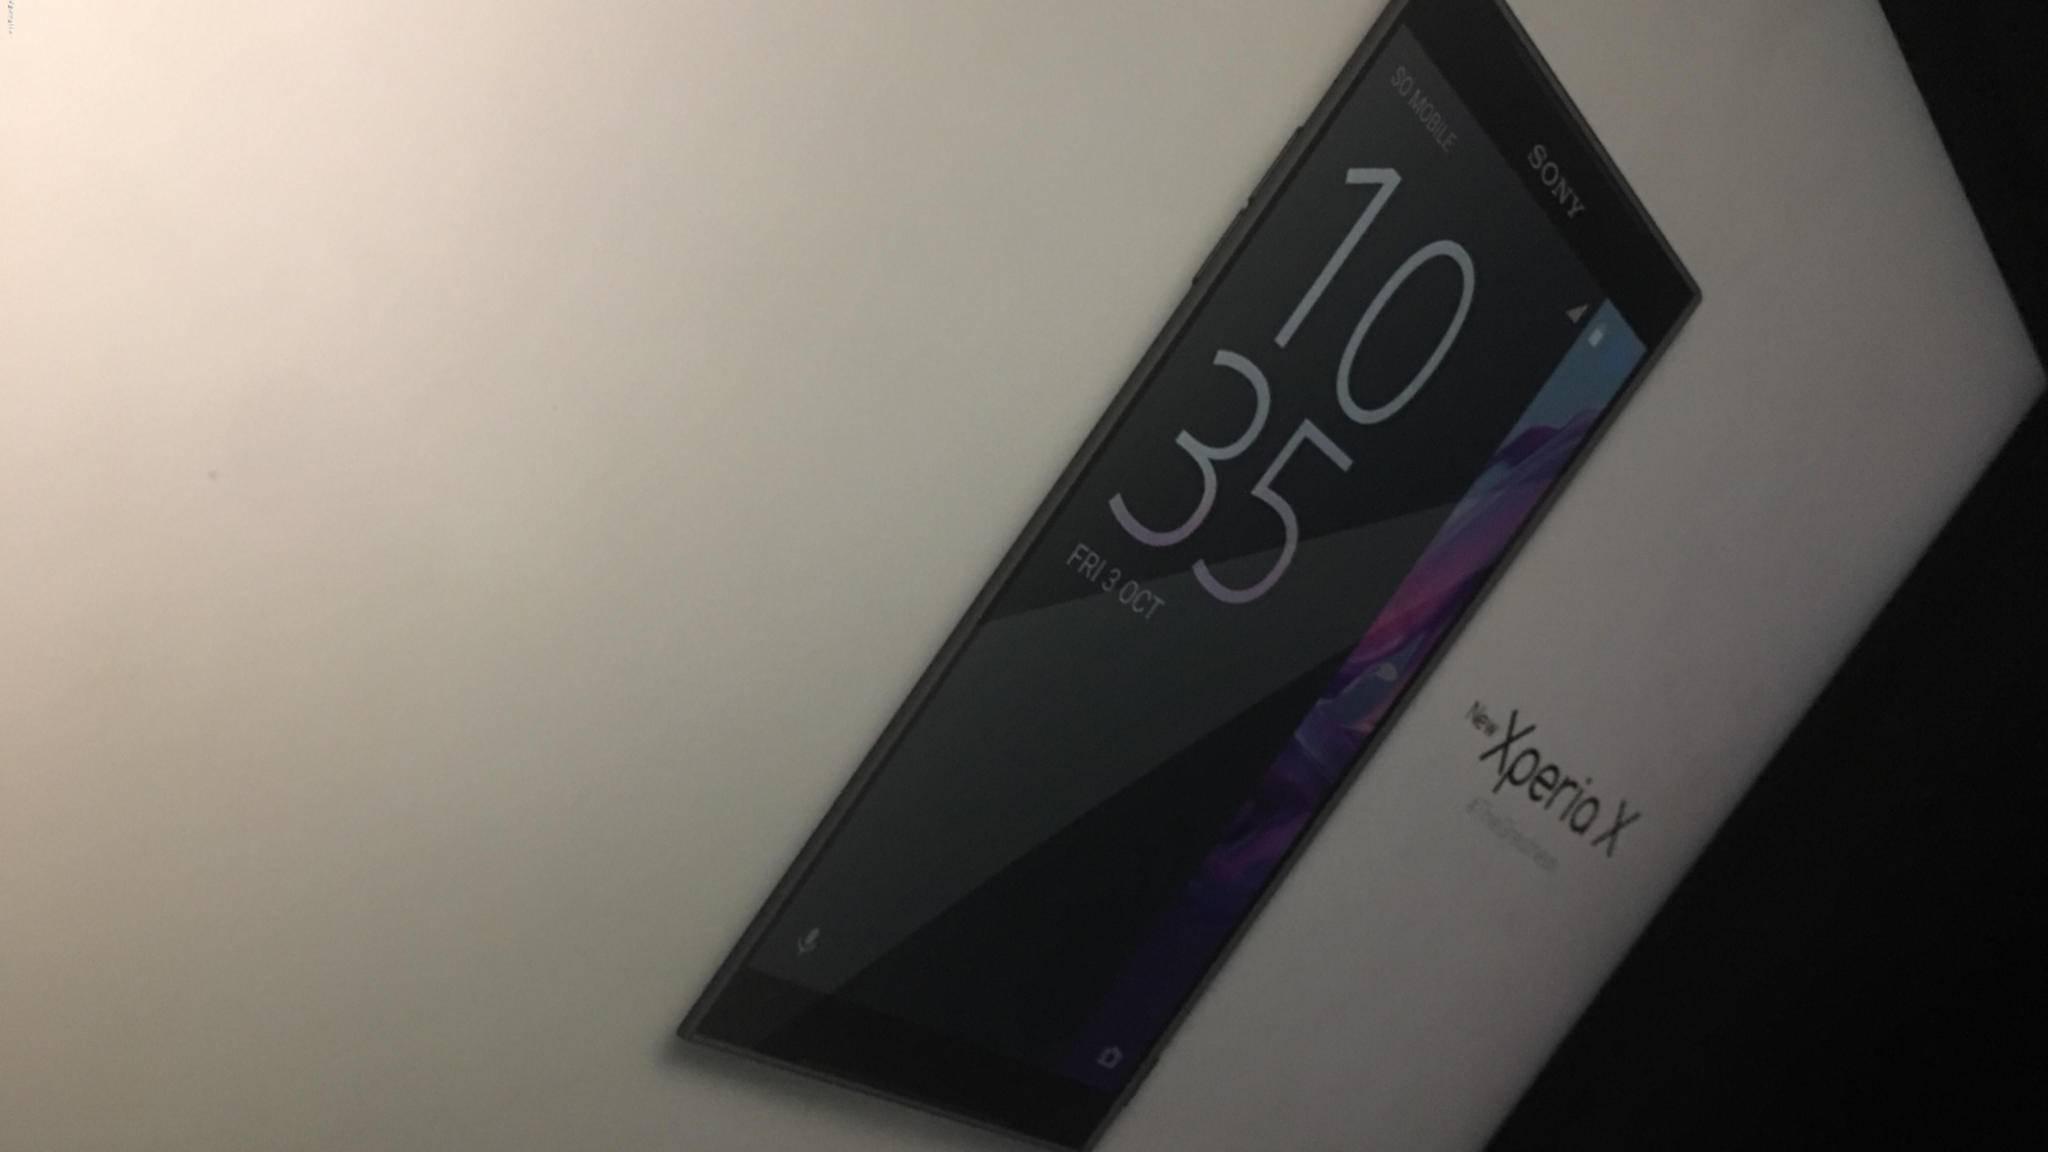 Dieses Foto soll das kommende Smartphone Sony Xperia X (2017) zeigen.